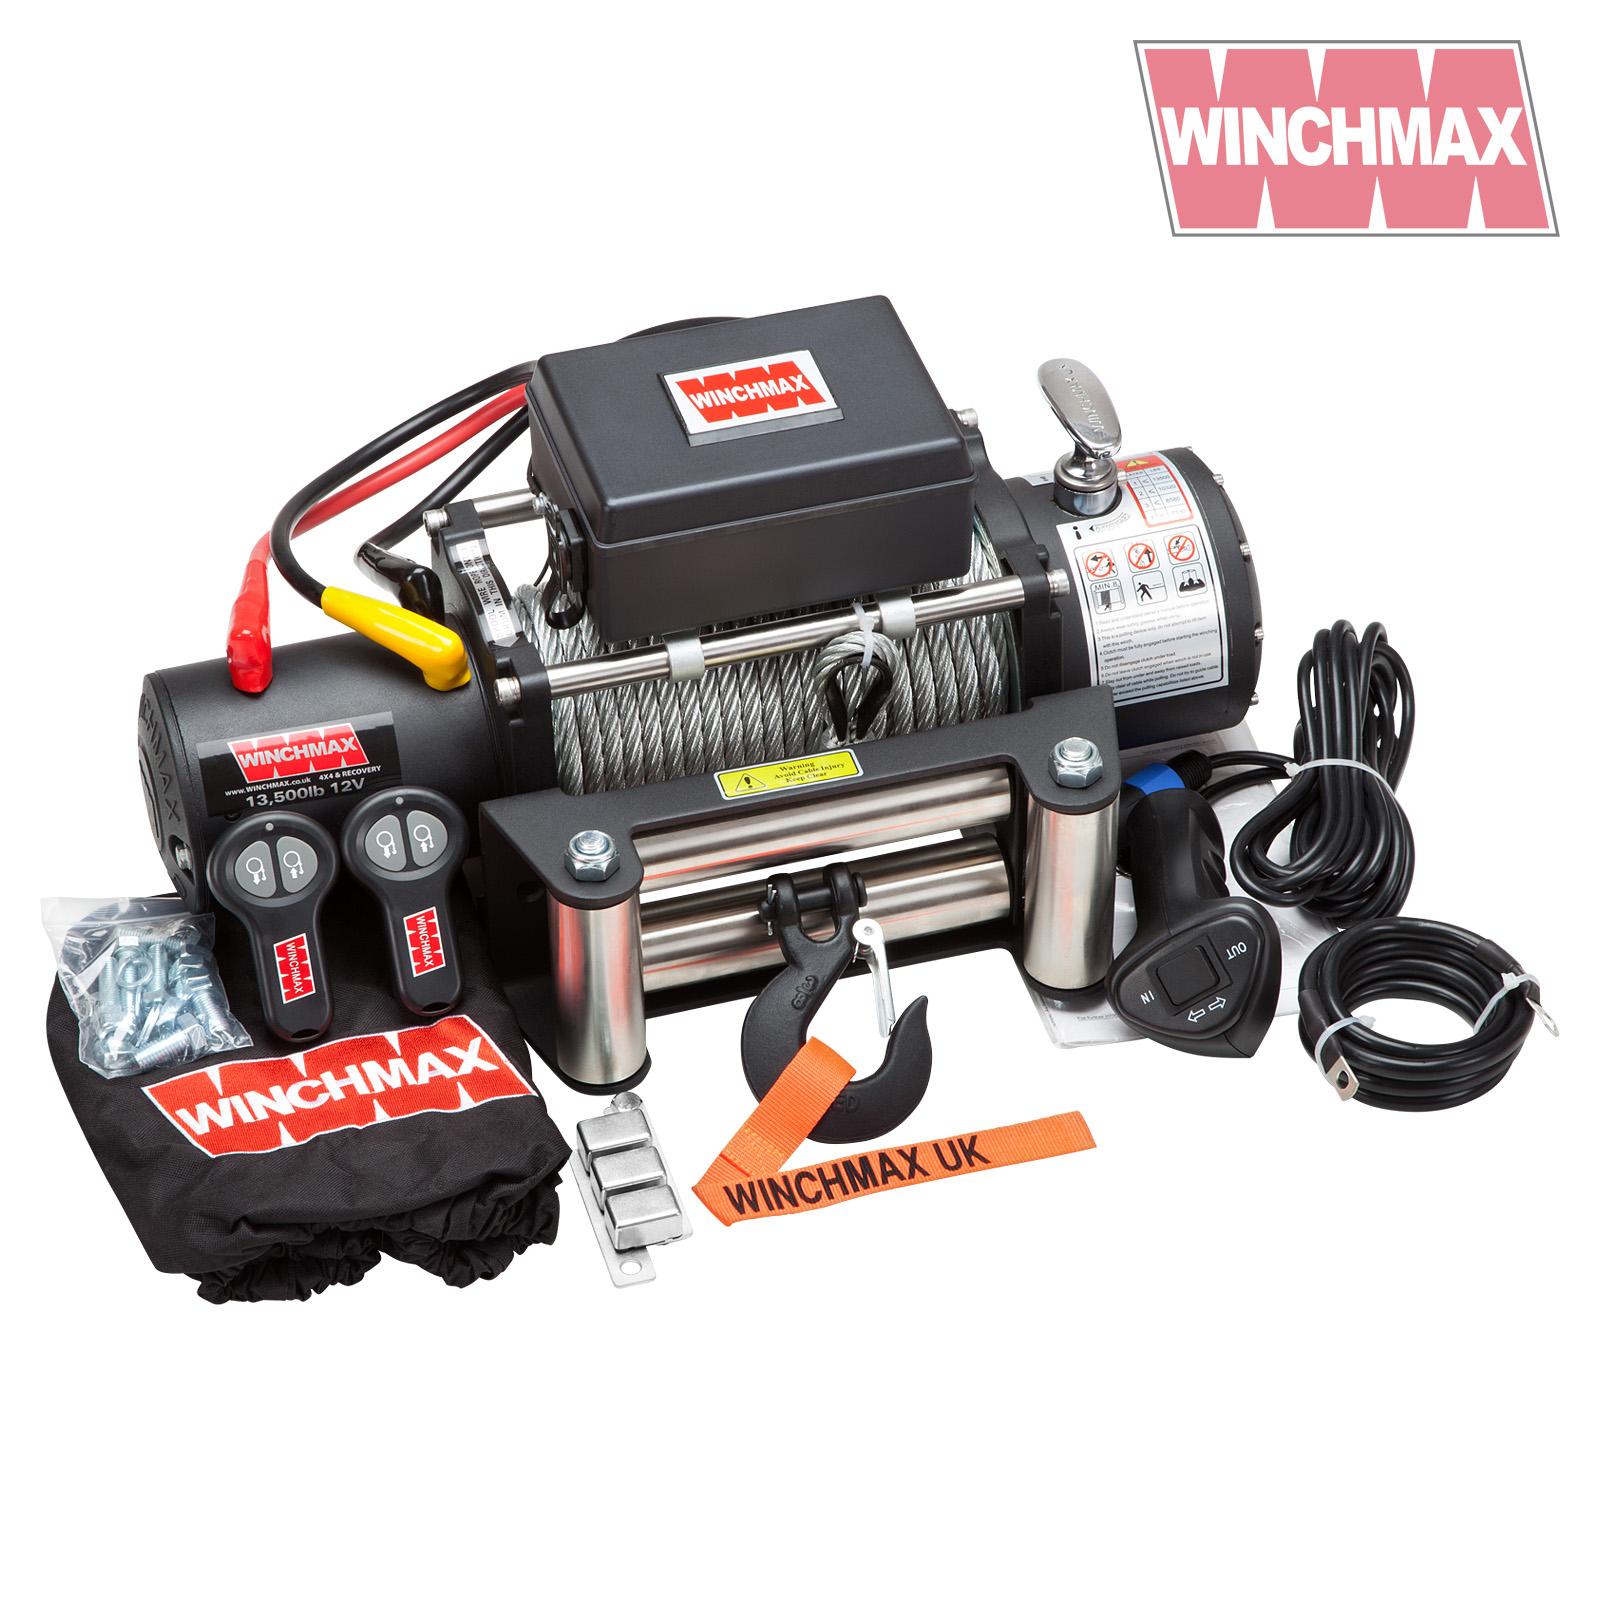 Wm1300012vmil winchmax 180